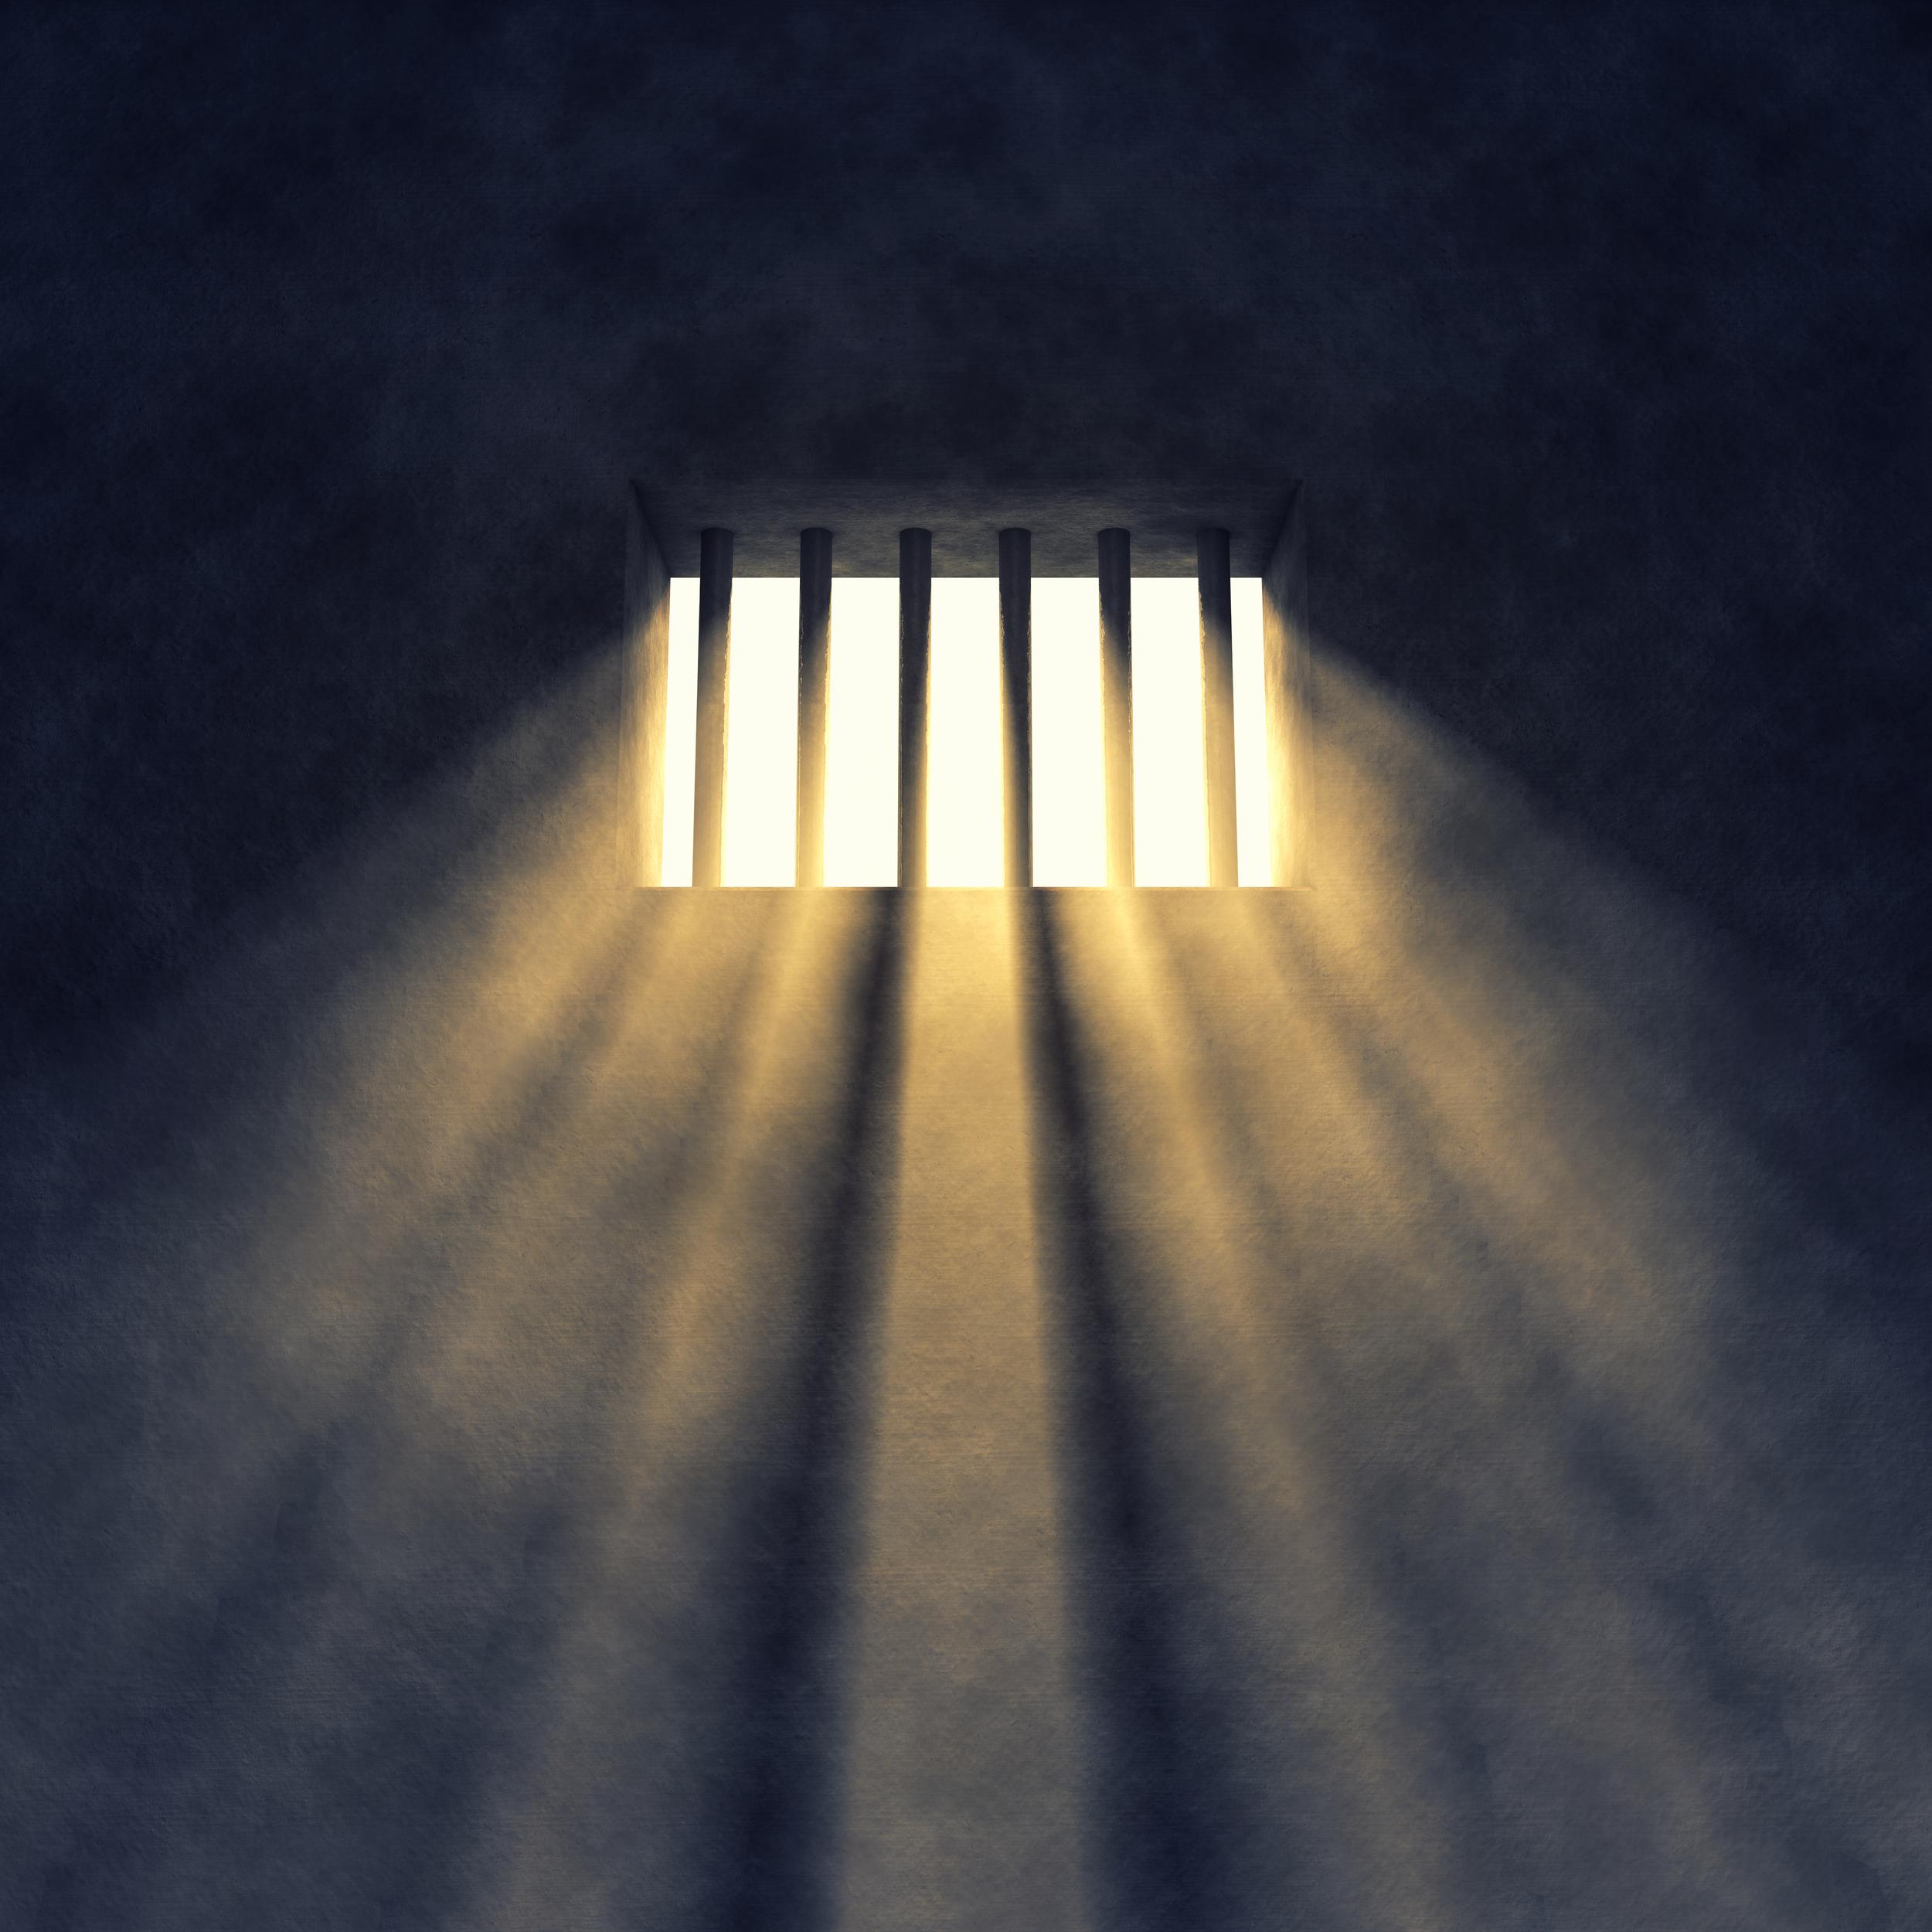 shutterstock_jail view.jpg